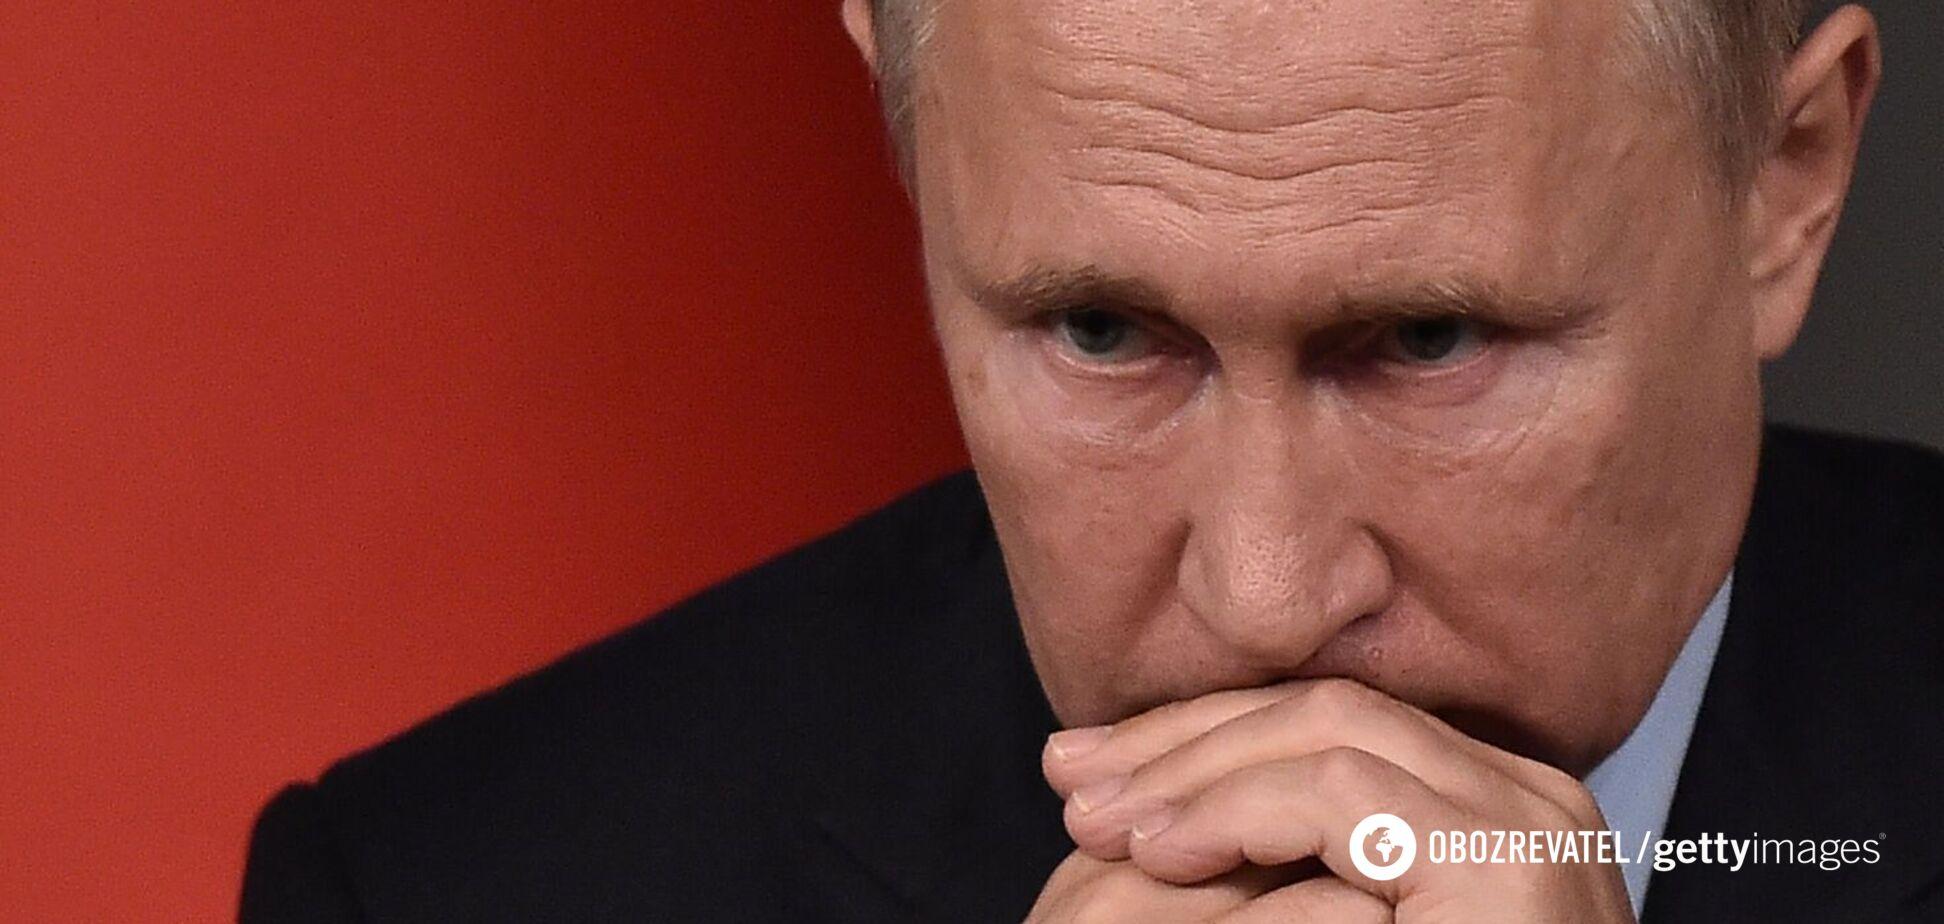 Генерал США Ходжес заявил, что Путин – 'убийца', а Кремль понимает только силу